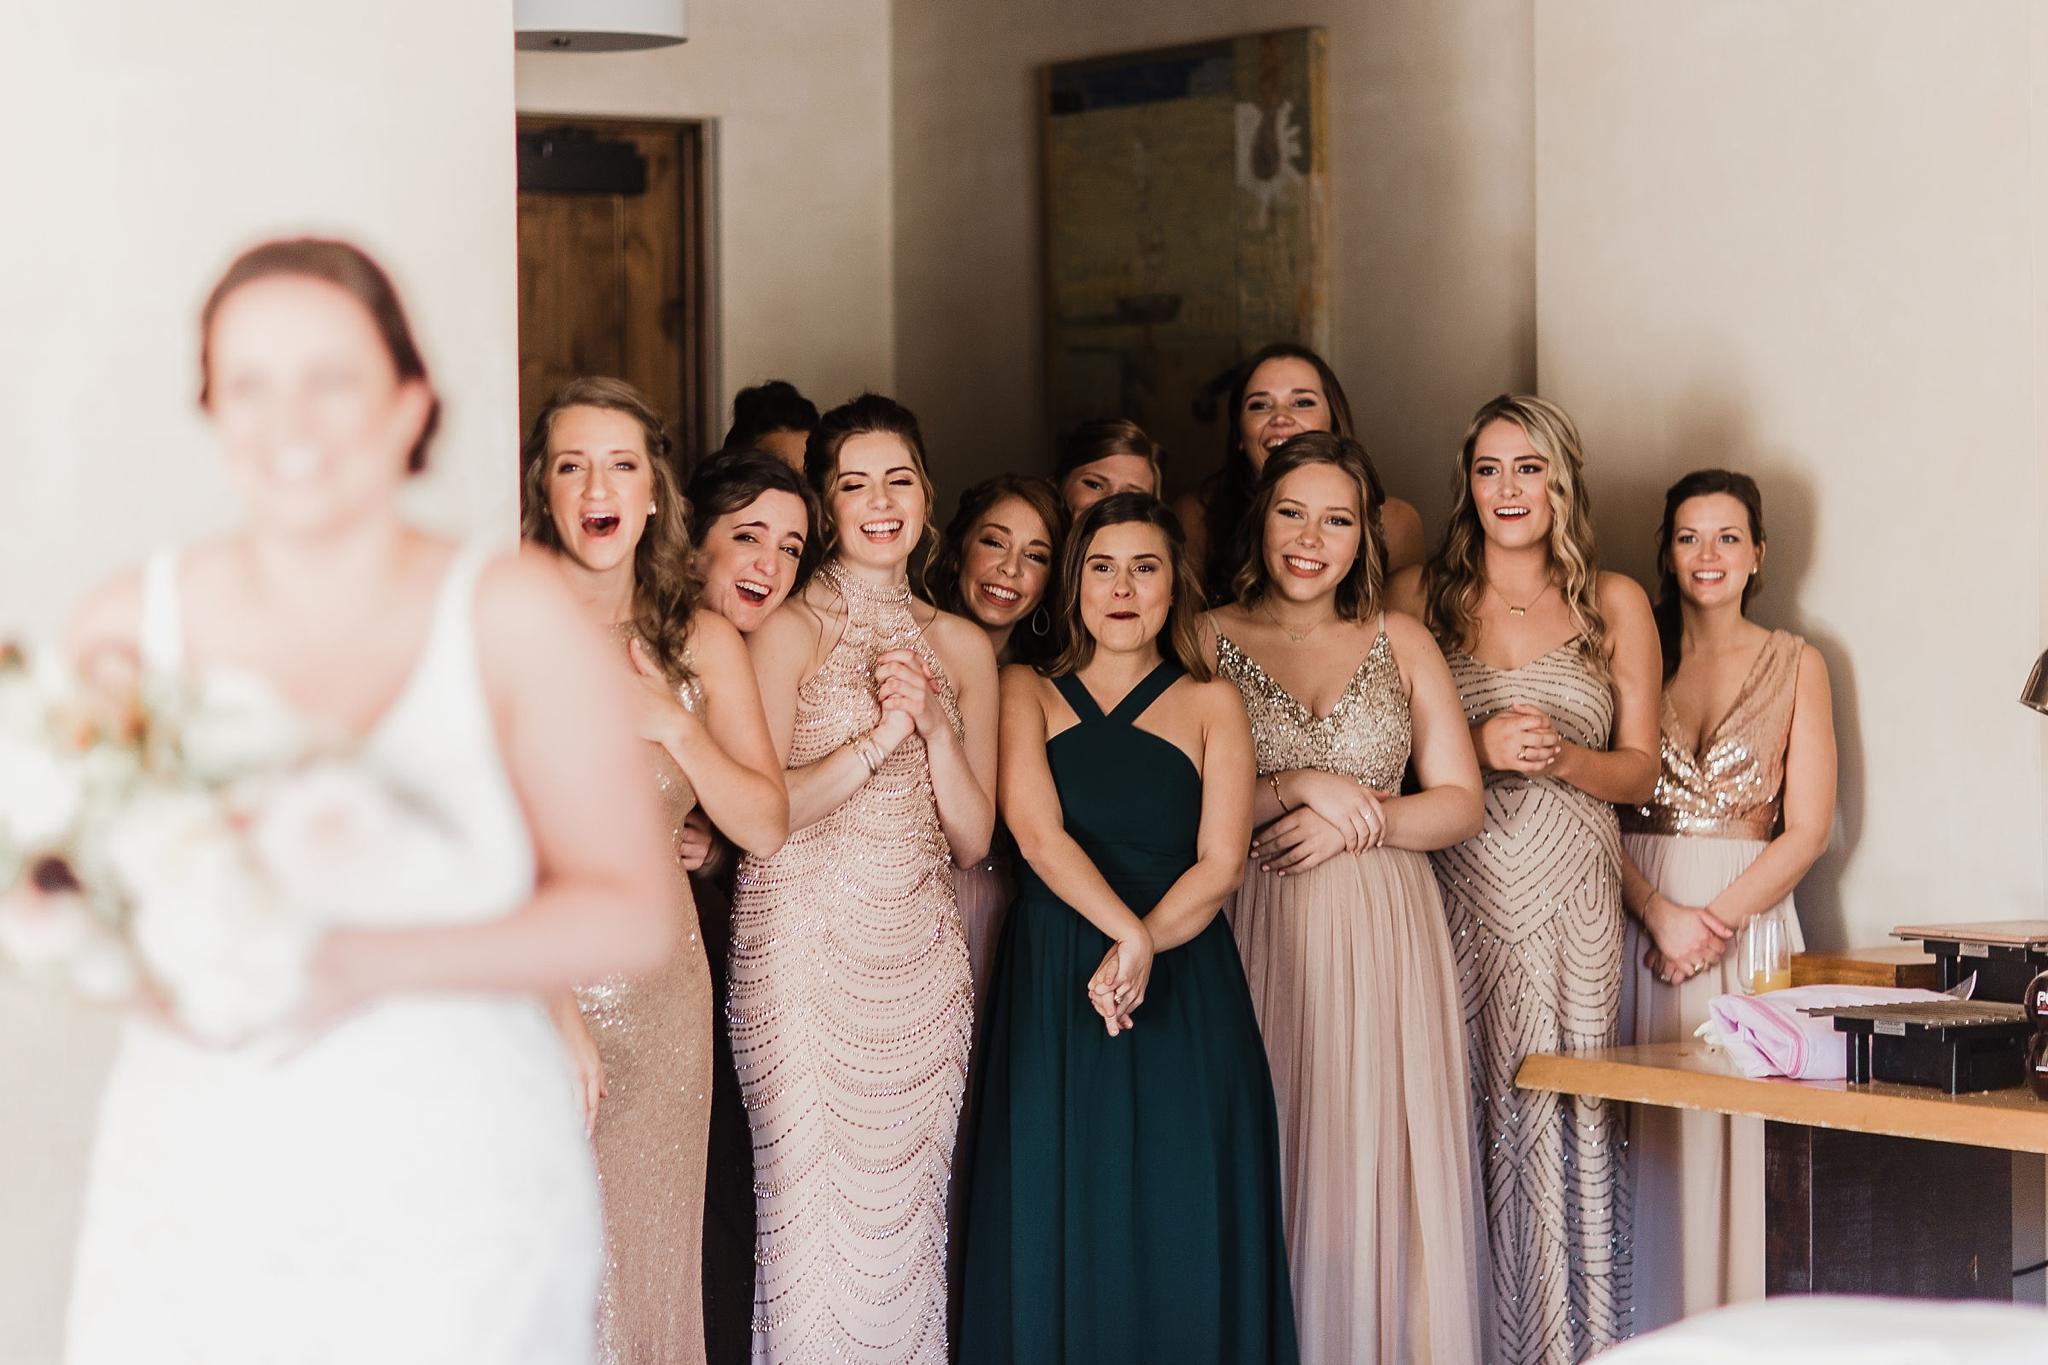 Alicia+lucia+photography+-+albuquerque+wedding+photographer+-+santa+fe+wedding+photography+-+new+mexico+wedding+photographer+-+new+mexico+wedding+-+santa+fe+wedding+-+four+seasons+wedding+-+winter+wedding_0017.jpg